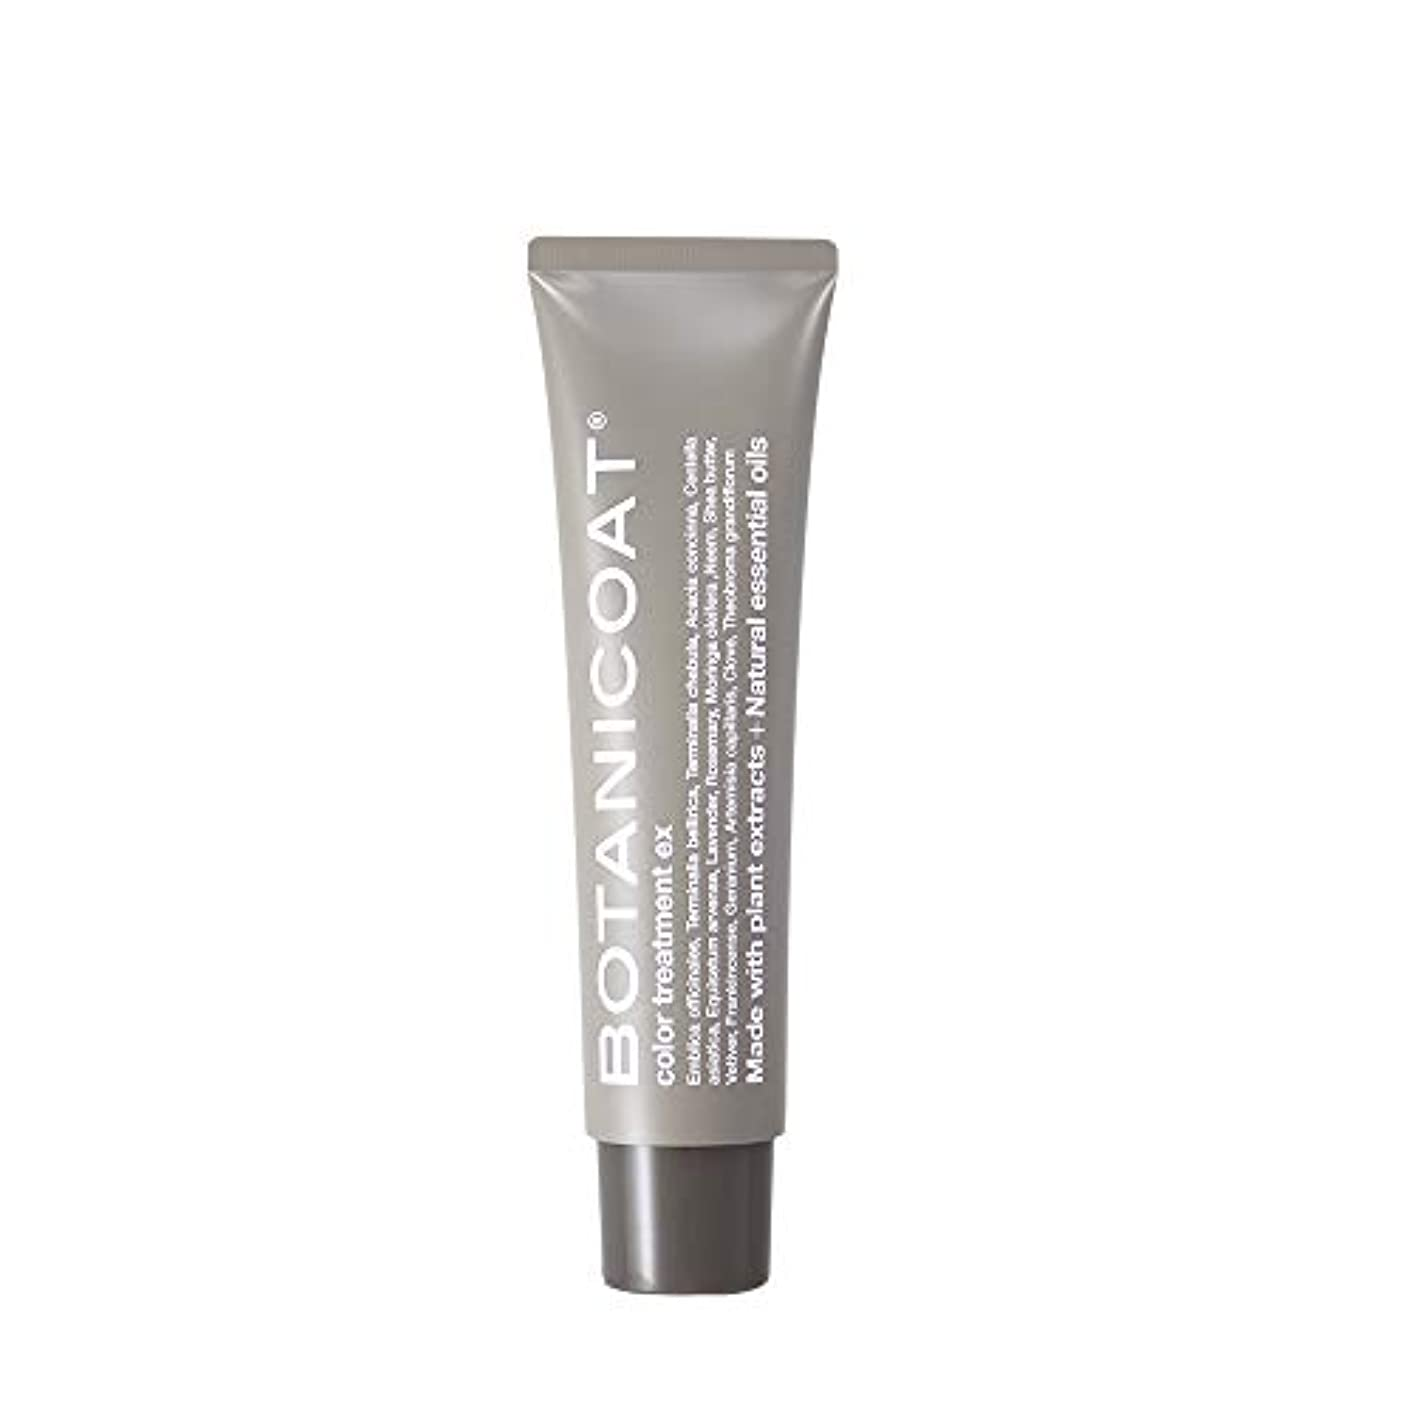 効率火山頭痛BOTANICOAT(ボタニコート) カラーブースター 白髪染め 無香料 150mL